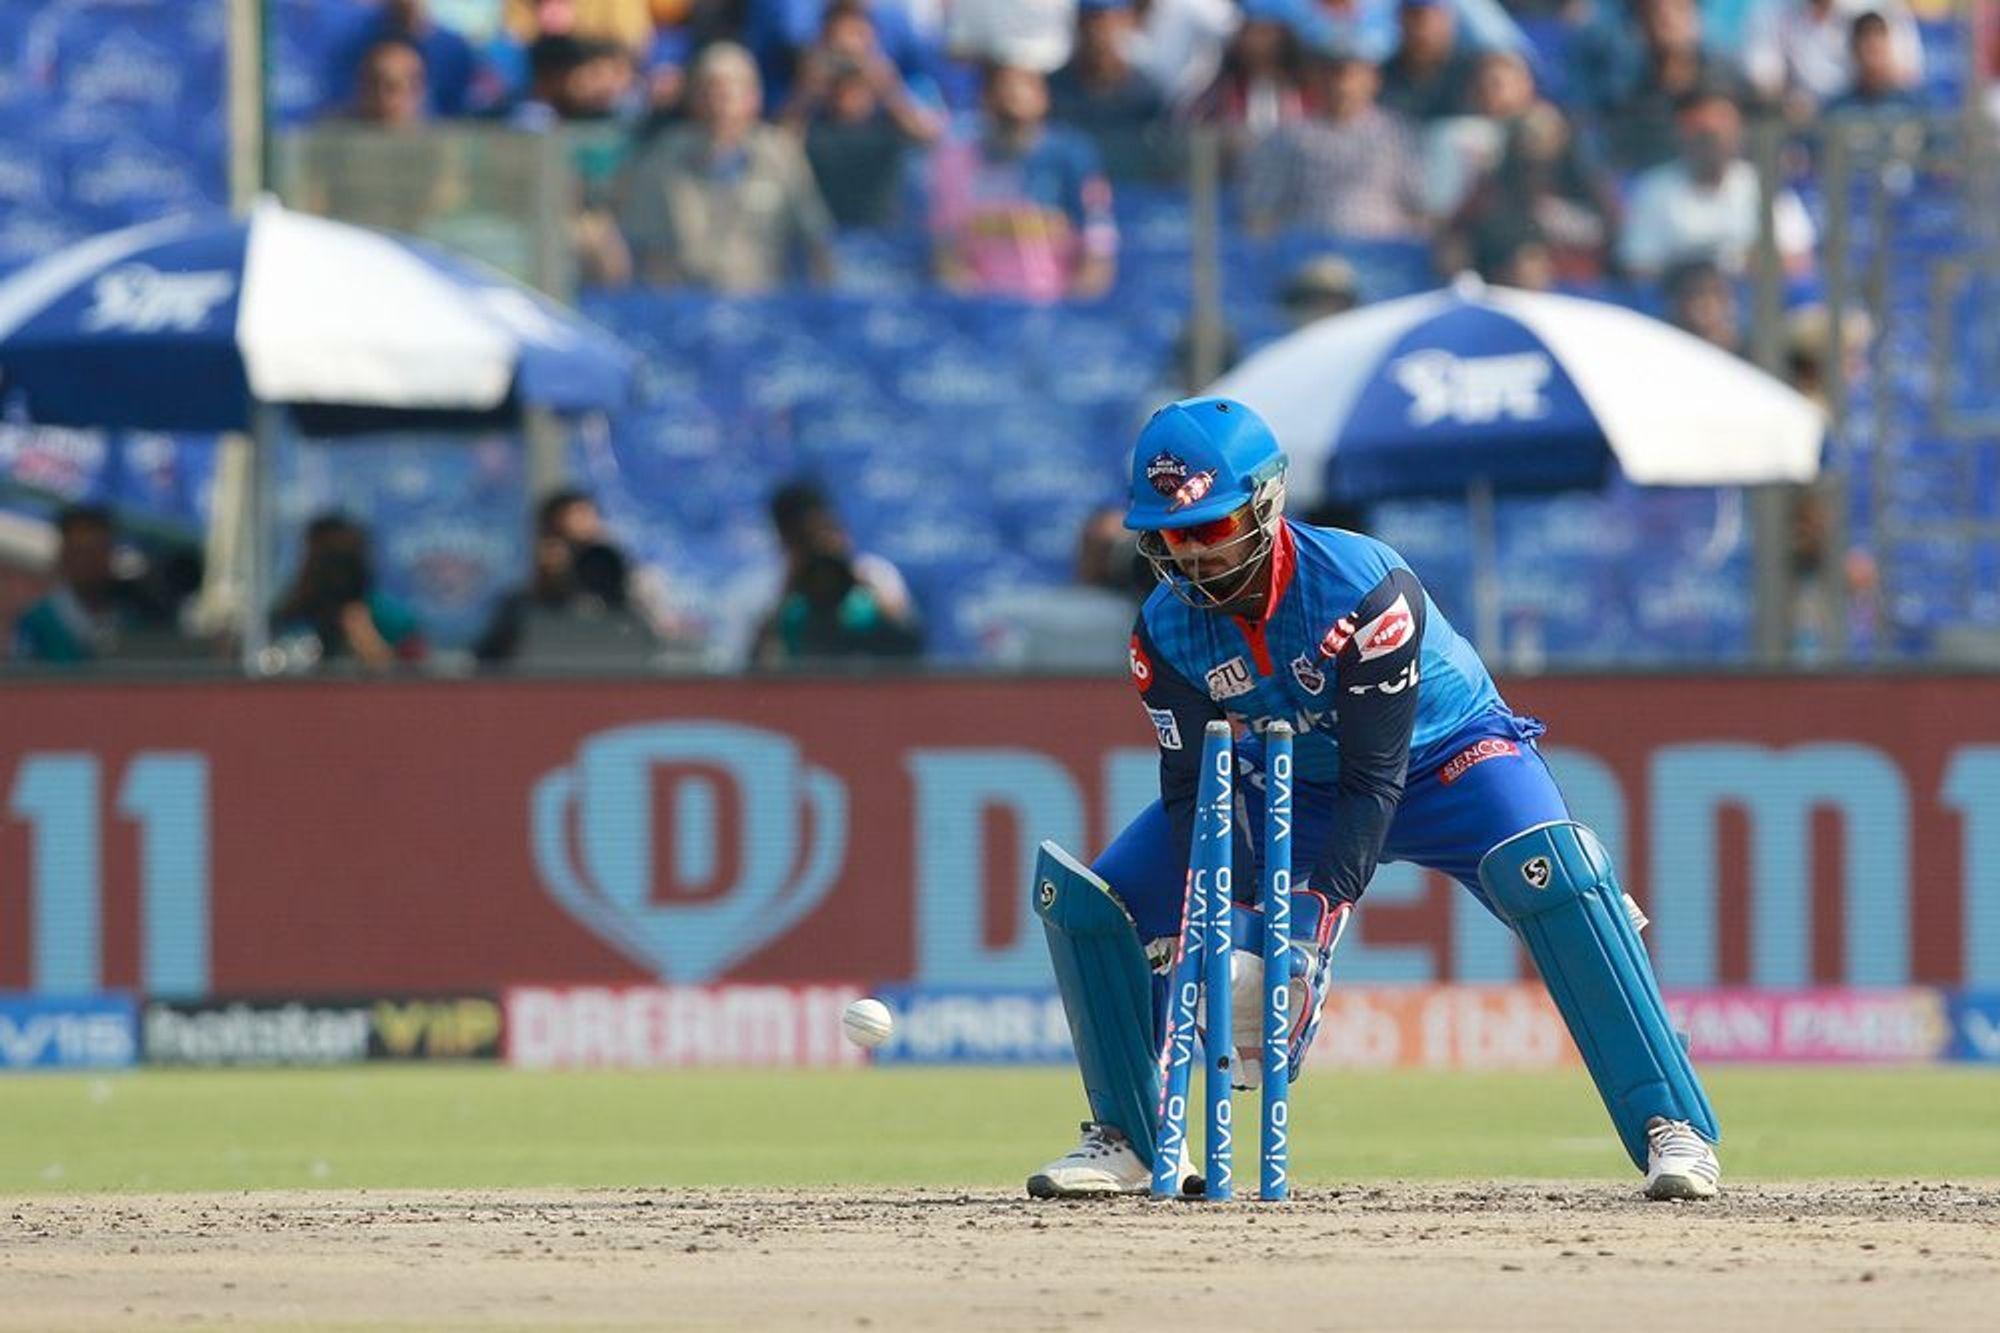 आईपीएल 2019: DC vs RR: 4.2 ओवर में अपनी इस बड़ी गलती के चलते रन आउट हुए संजू सैमसन, वीडियो देख नहीं रुकेगी आपकी हंसी 2